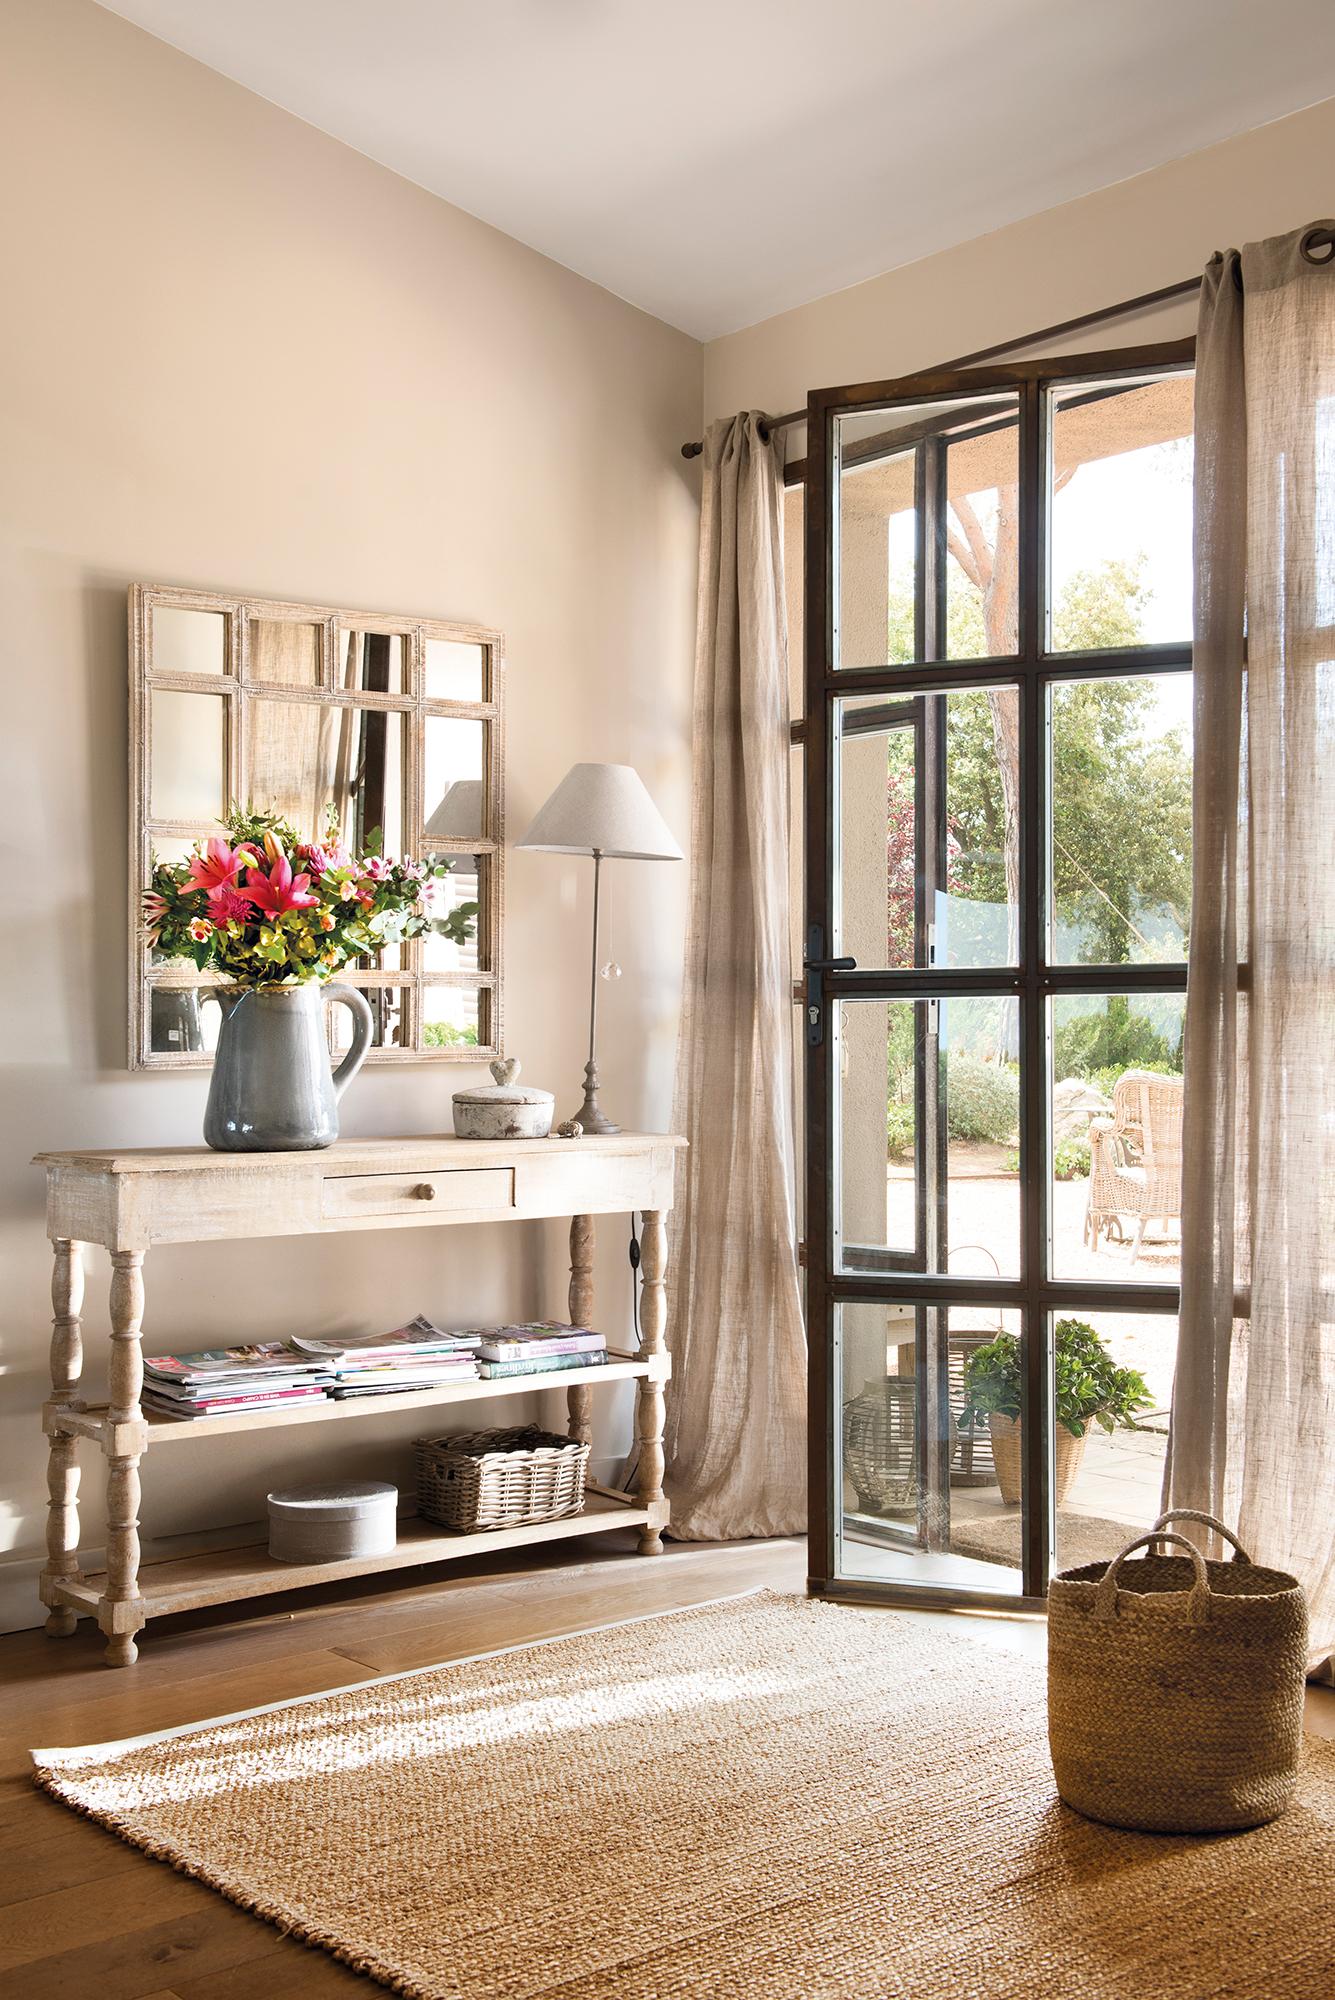 recibidor con consola y espejo junto a puerta acristalada_00460744b - Recibidores Con Encanto